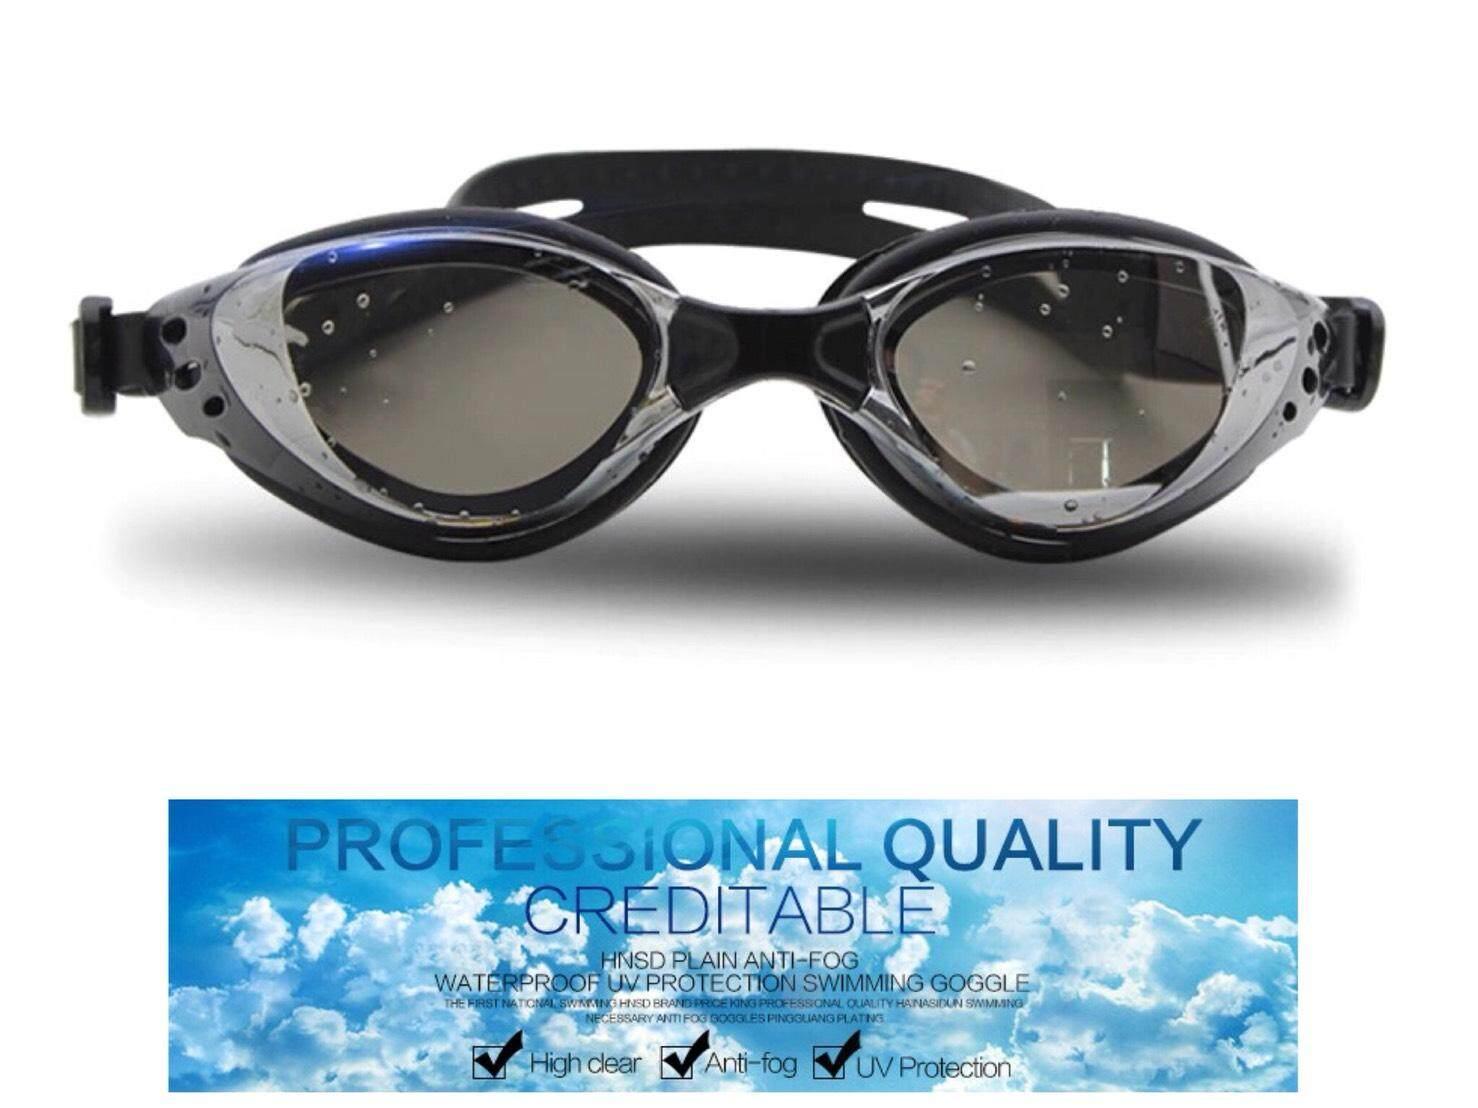 แว่นตาว่ายน้ำ เลนส์คุณภาพกันฝ้ากันยูวี Anti Fog & Uv Protection แว่นตากันน้ำพร้อมกล่องใส่ สำหรับทุกเพศทุกวัย.